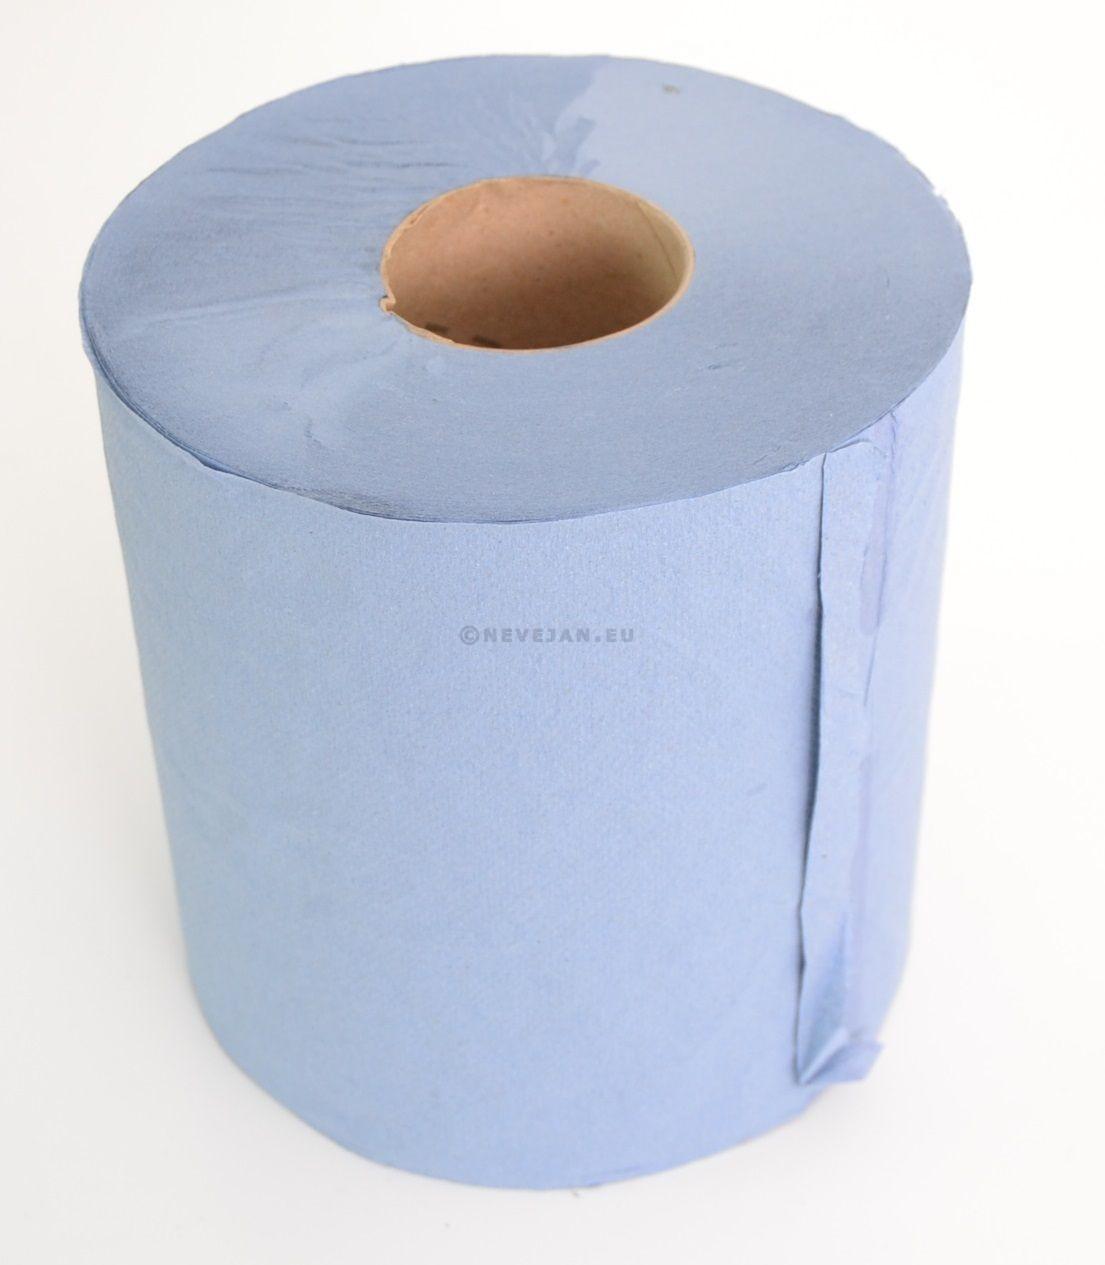 Midi Poetsrol blauw 300mx21.5cm 6 rollen